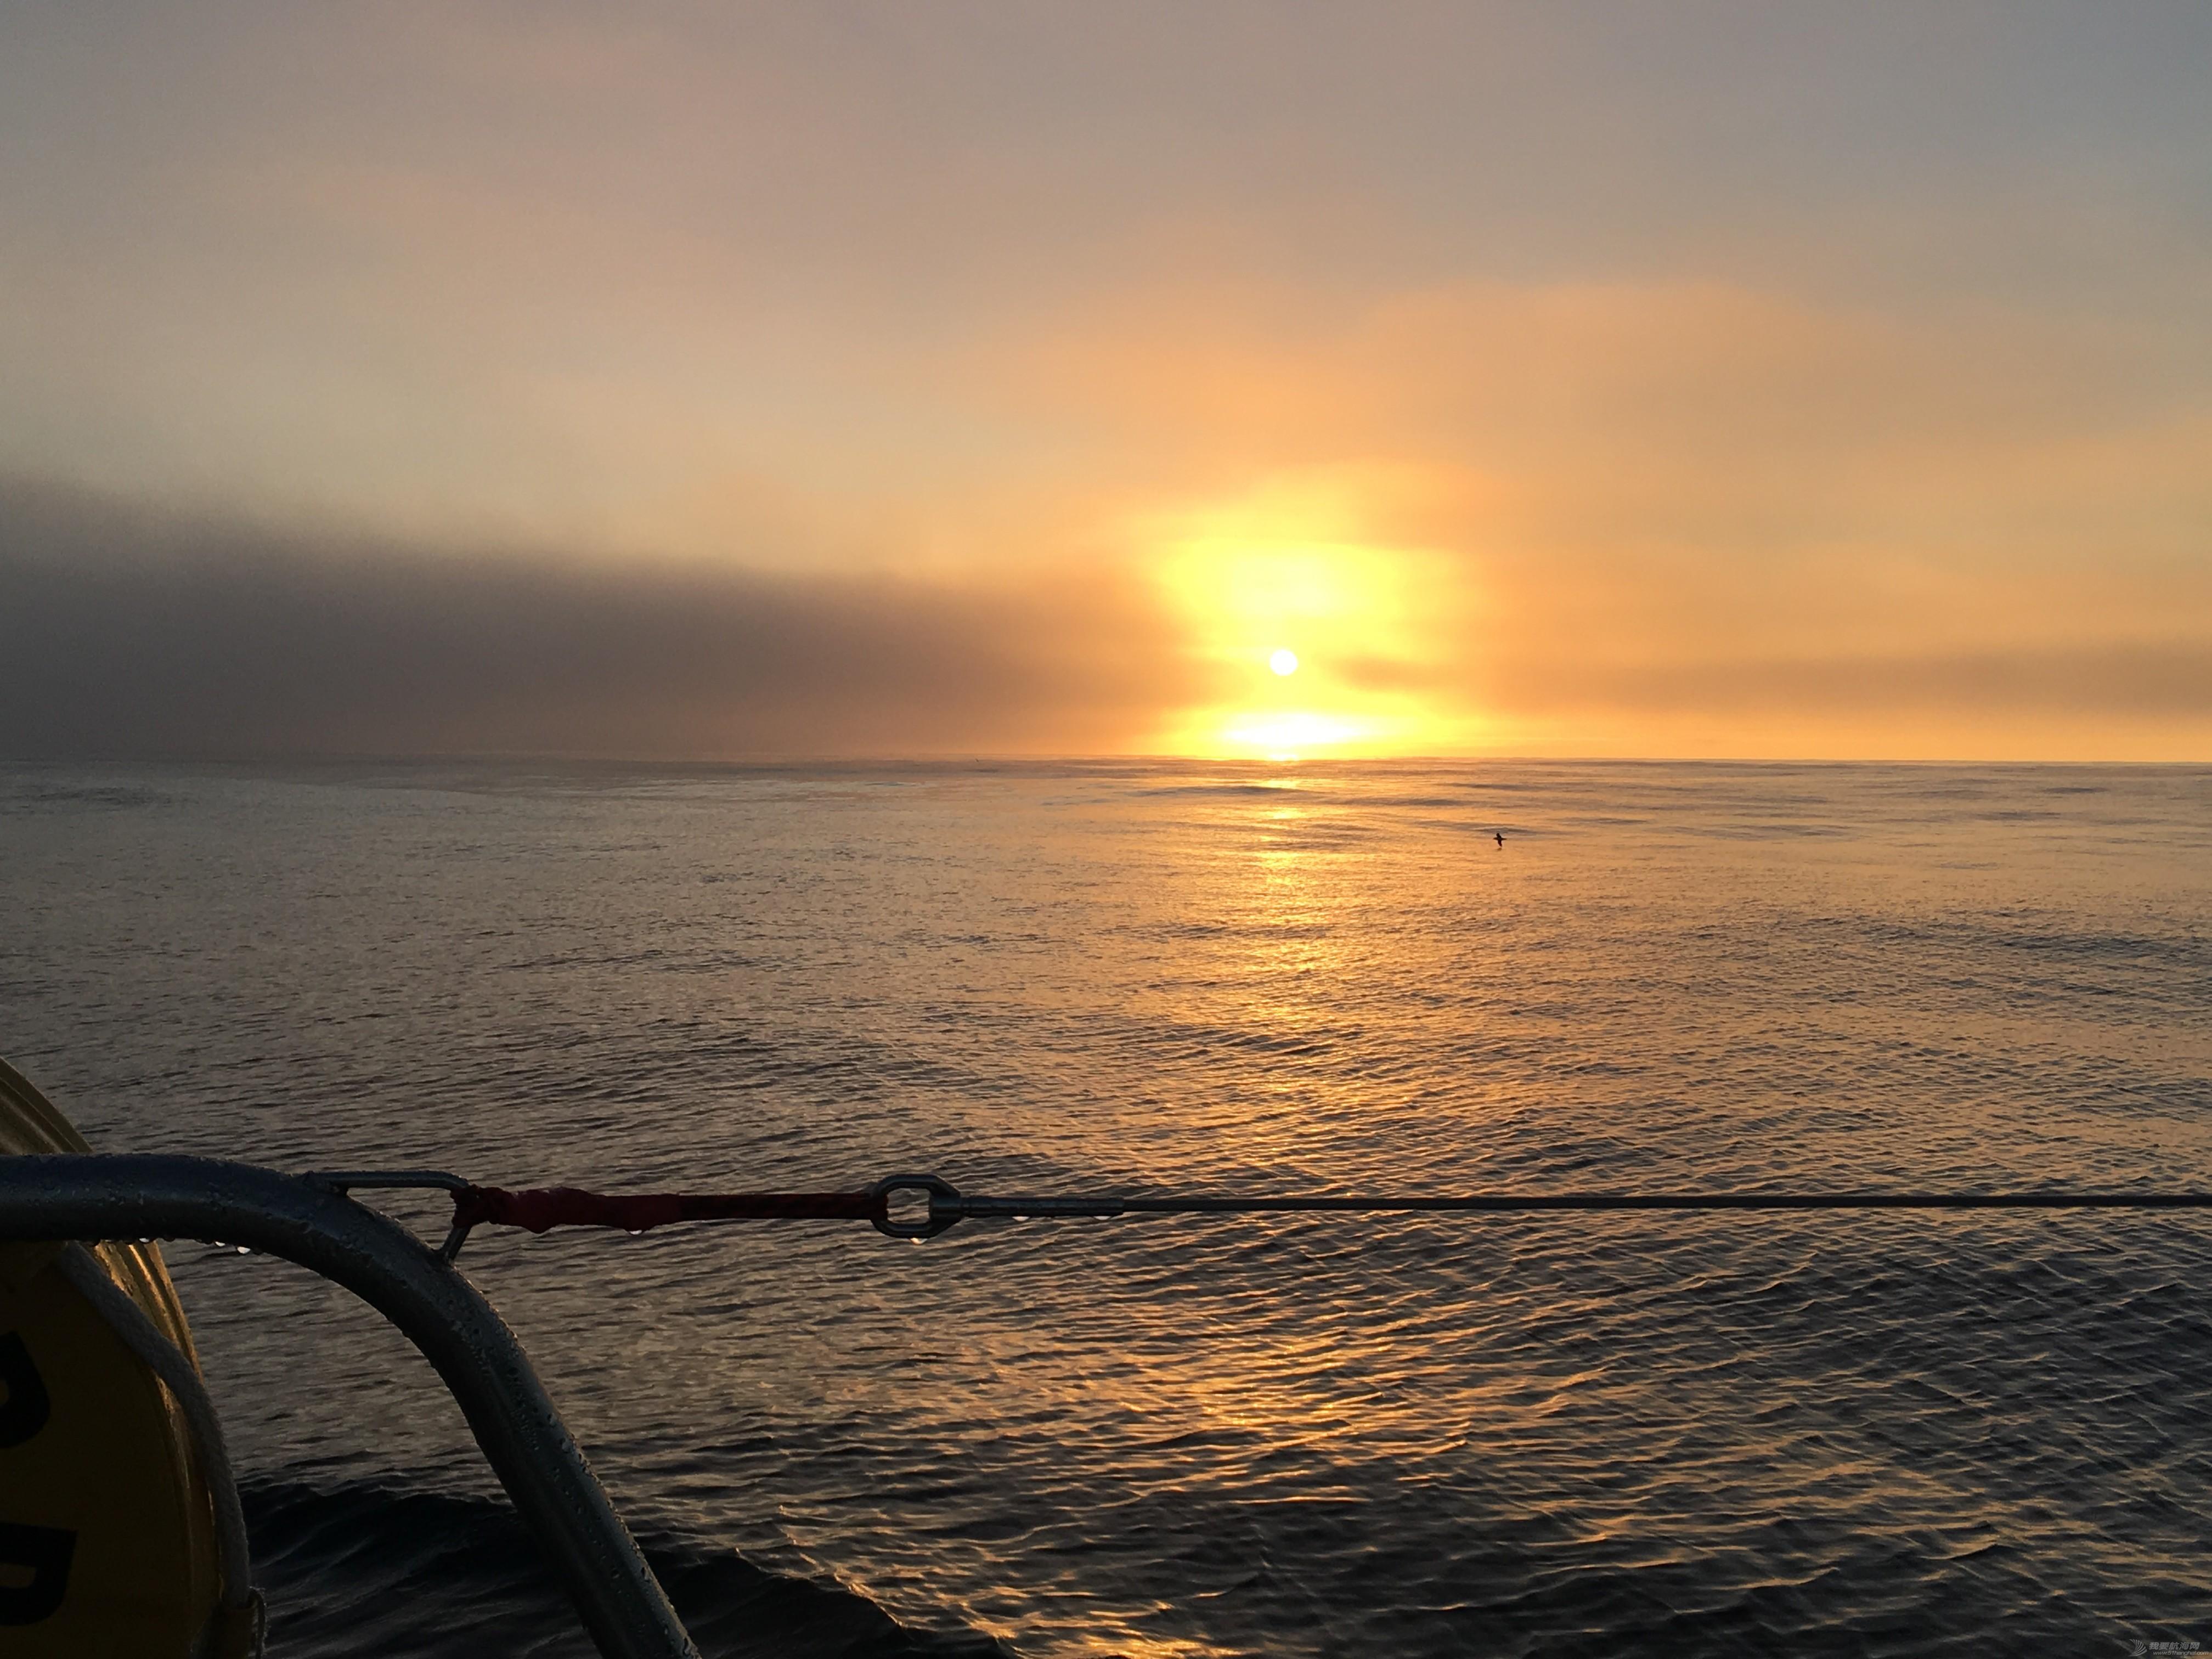 帆游北极-六 梦想总要有的 谁说不能实现